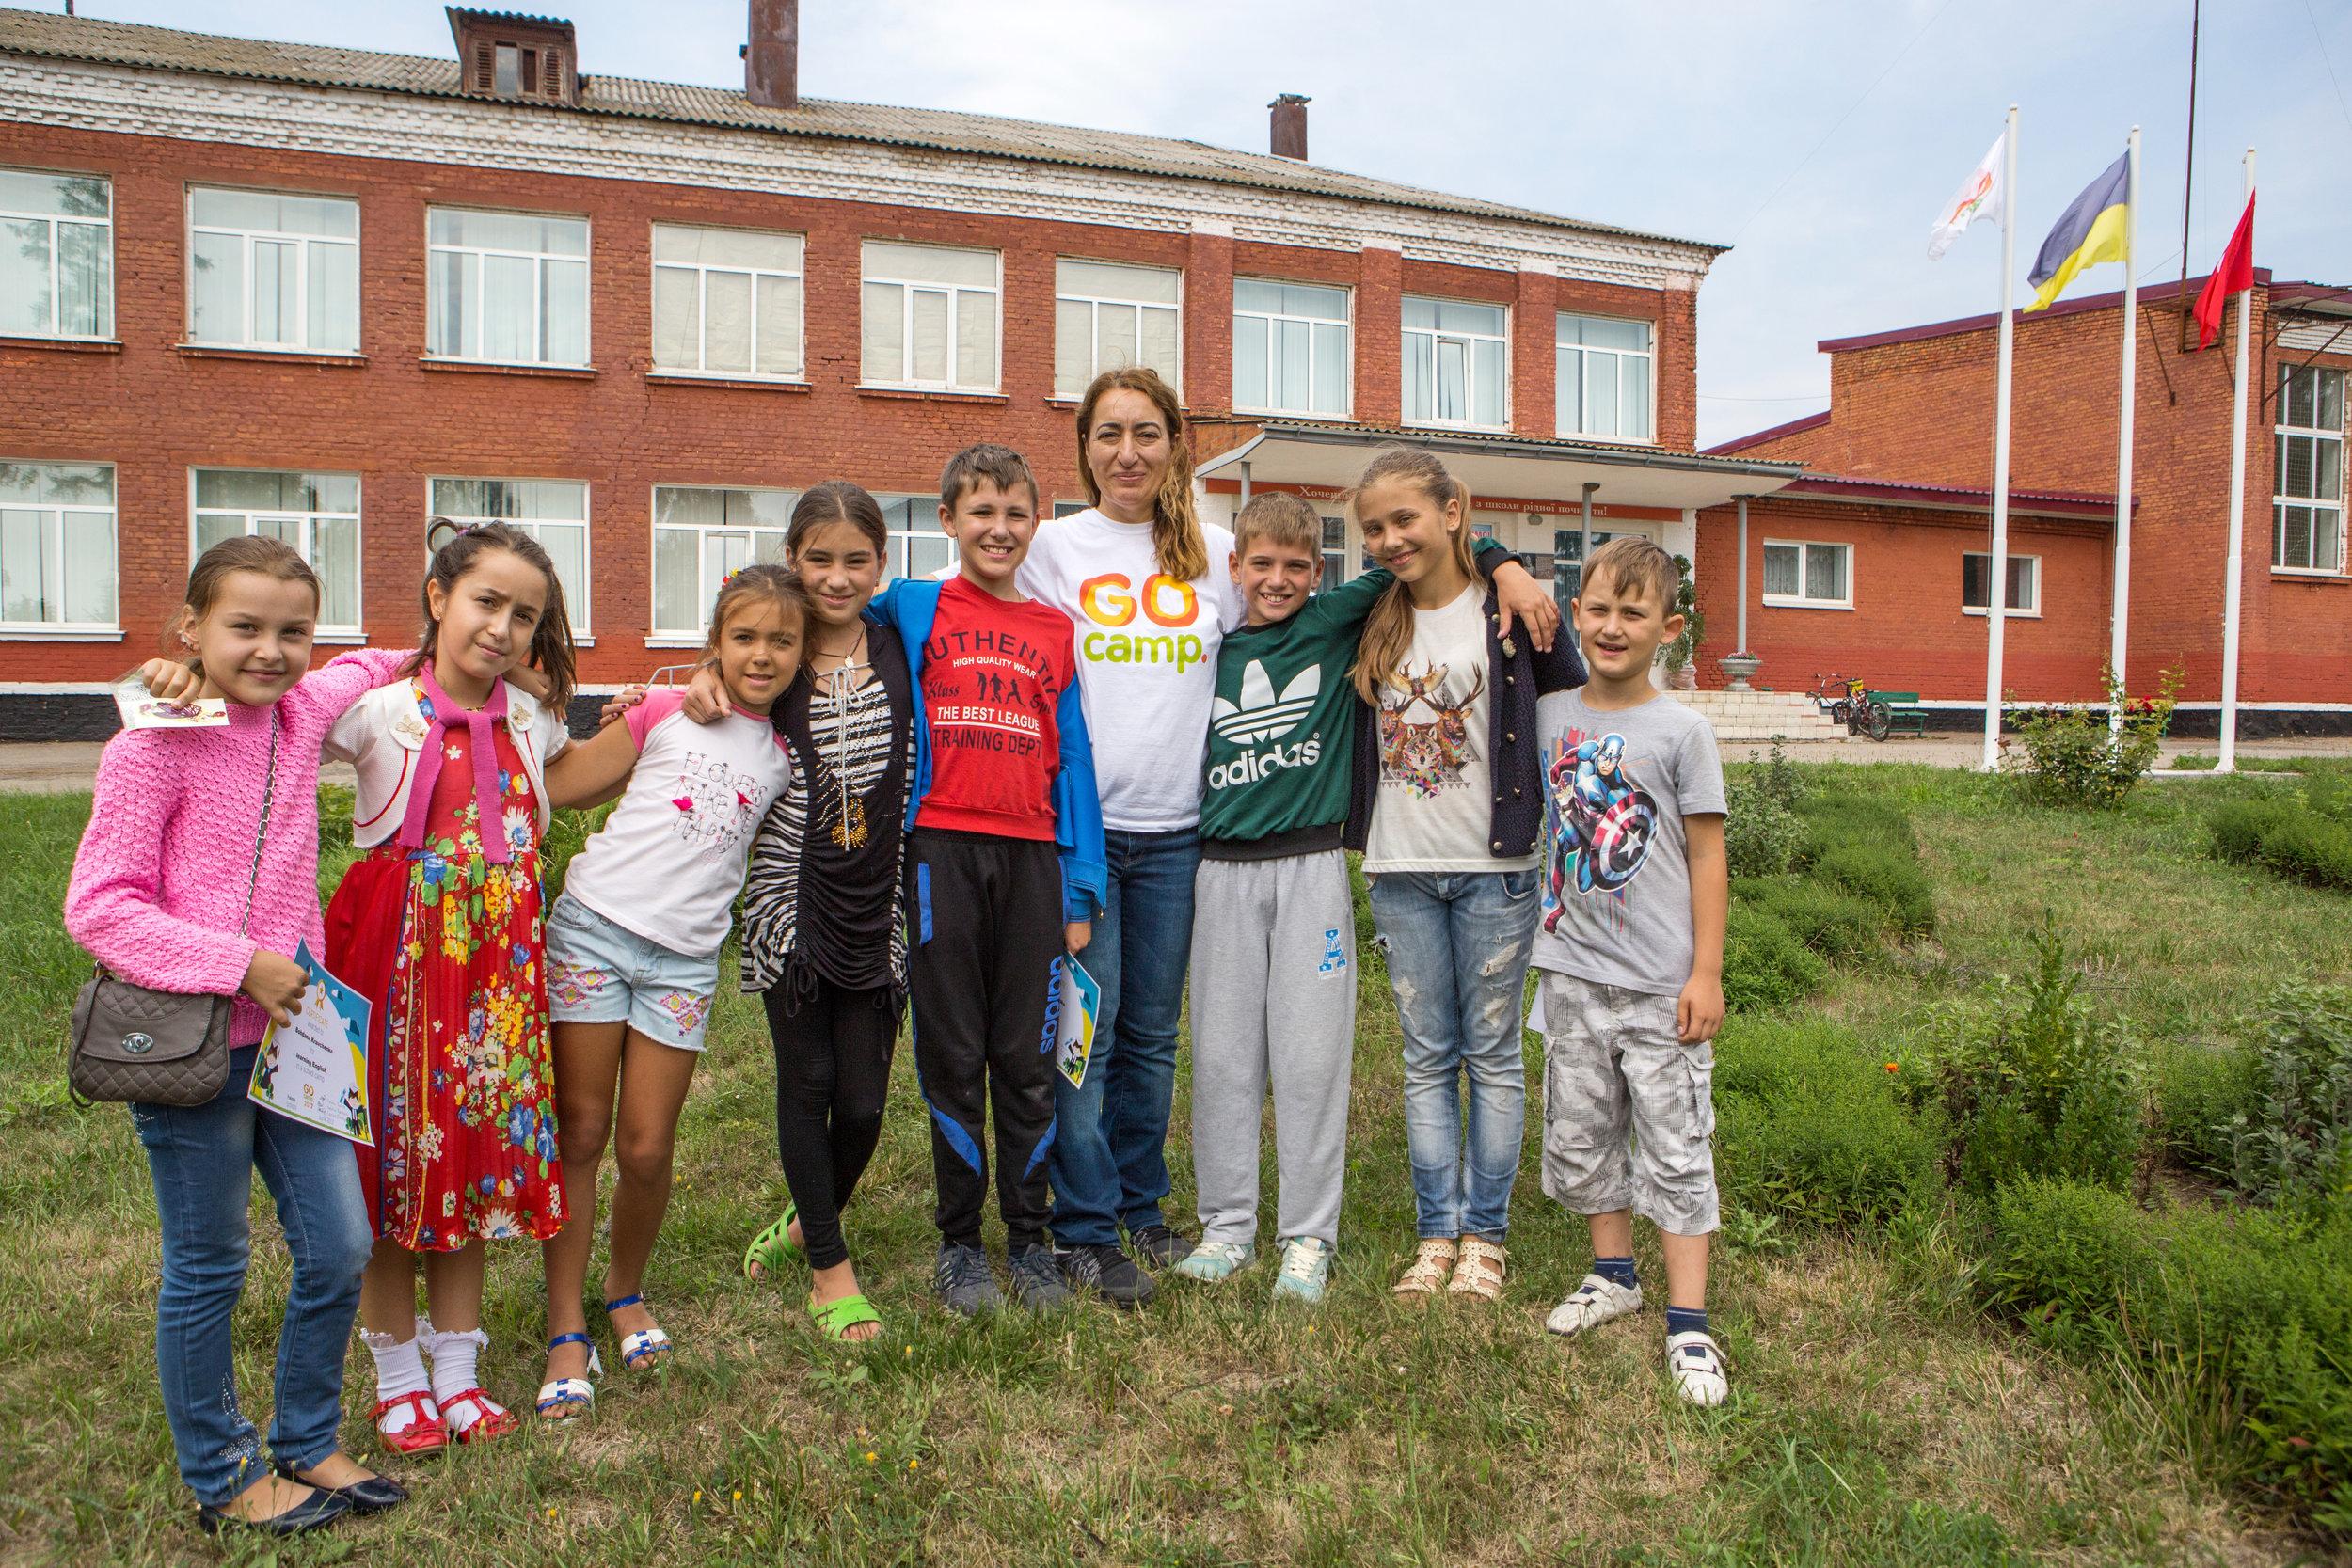 Children in GO camp